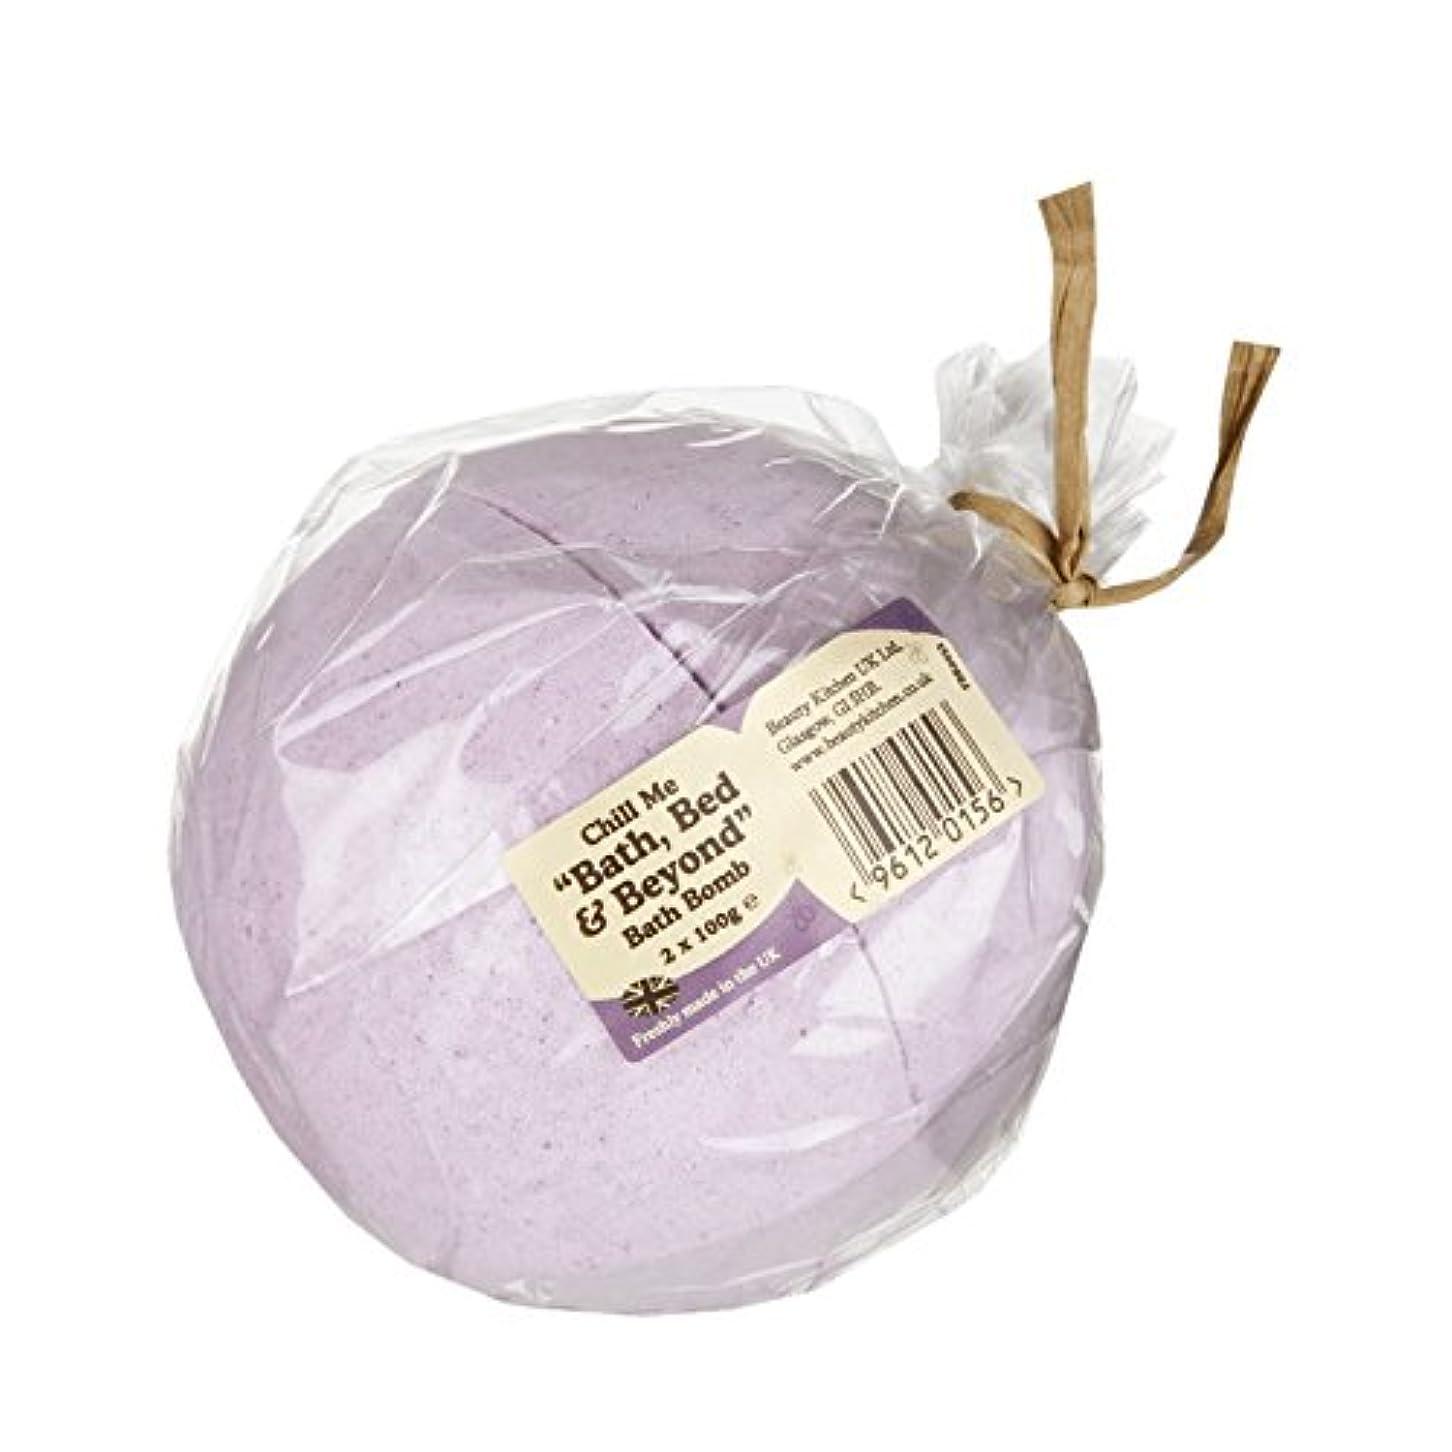 トラクター容赦ない永遠にBeauty Kitchen Chill Me Bath, Bed & Beyond Bath Bomb 2 x 100g (Pack of 2) - 美しさのキッチンには、バスタブ、ベッド&バス爆弾2×100グラムを超...